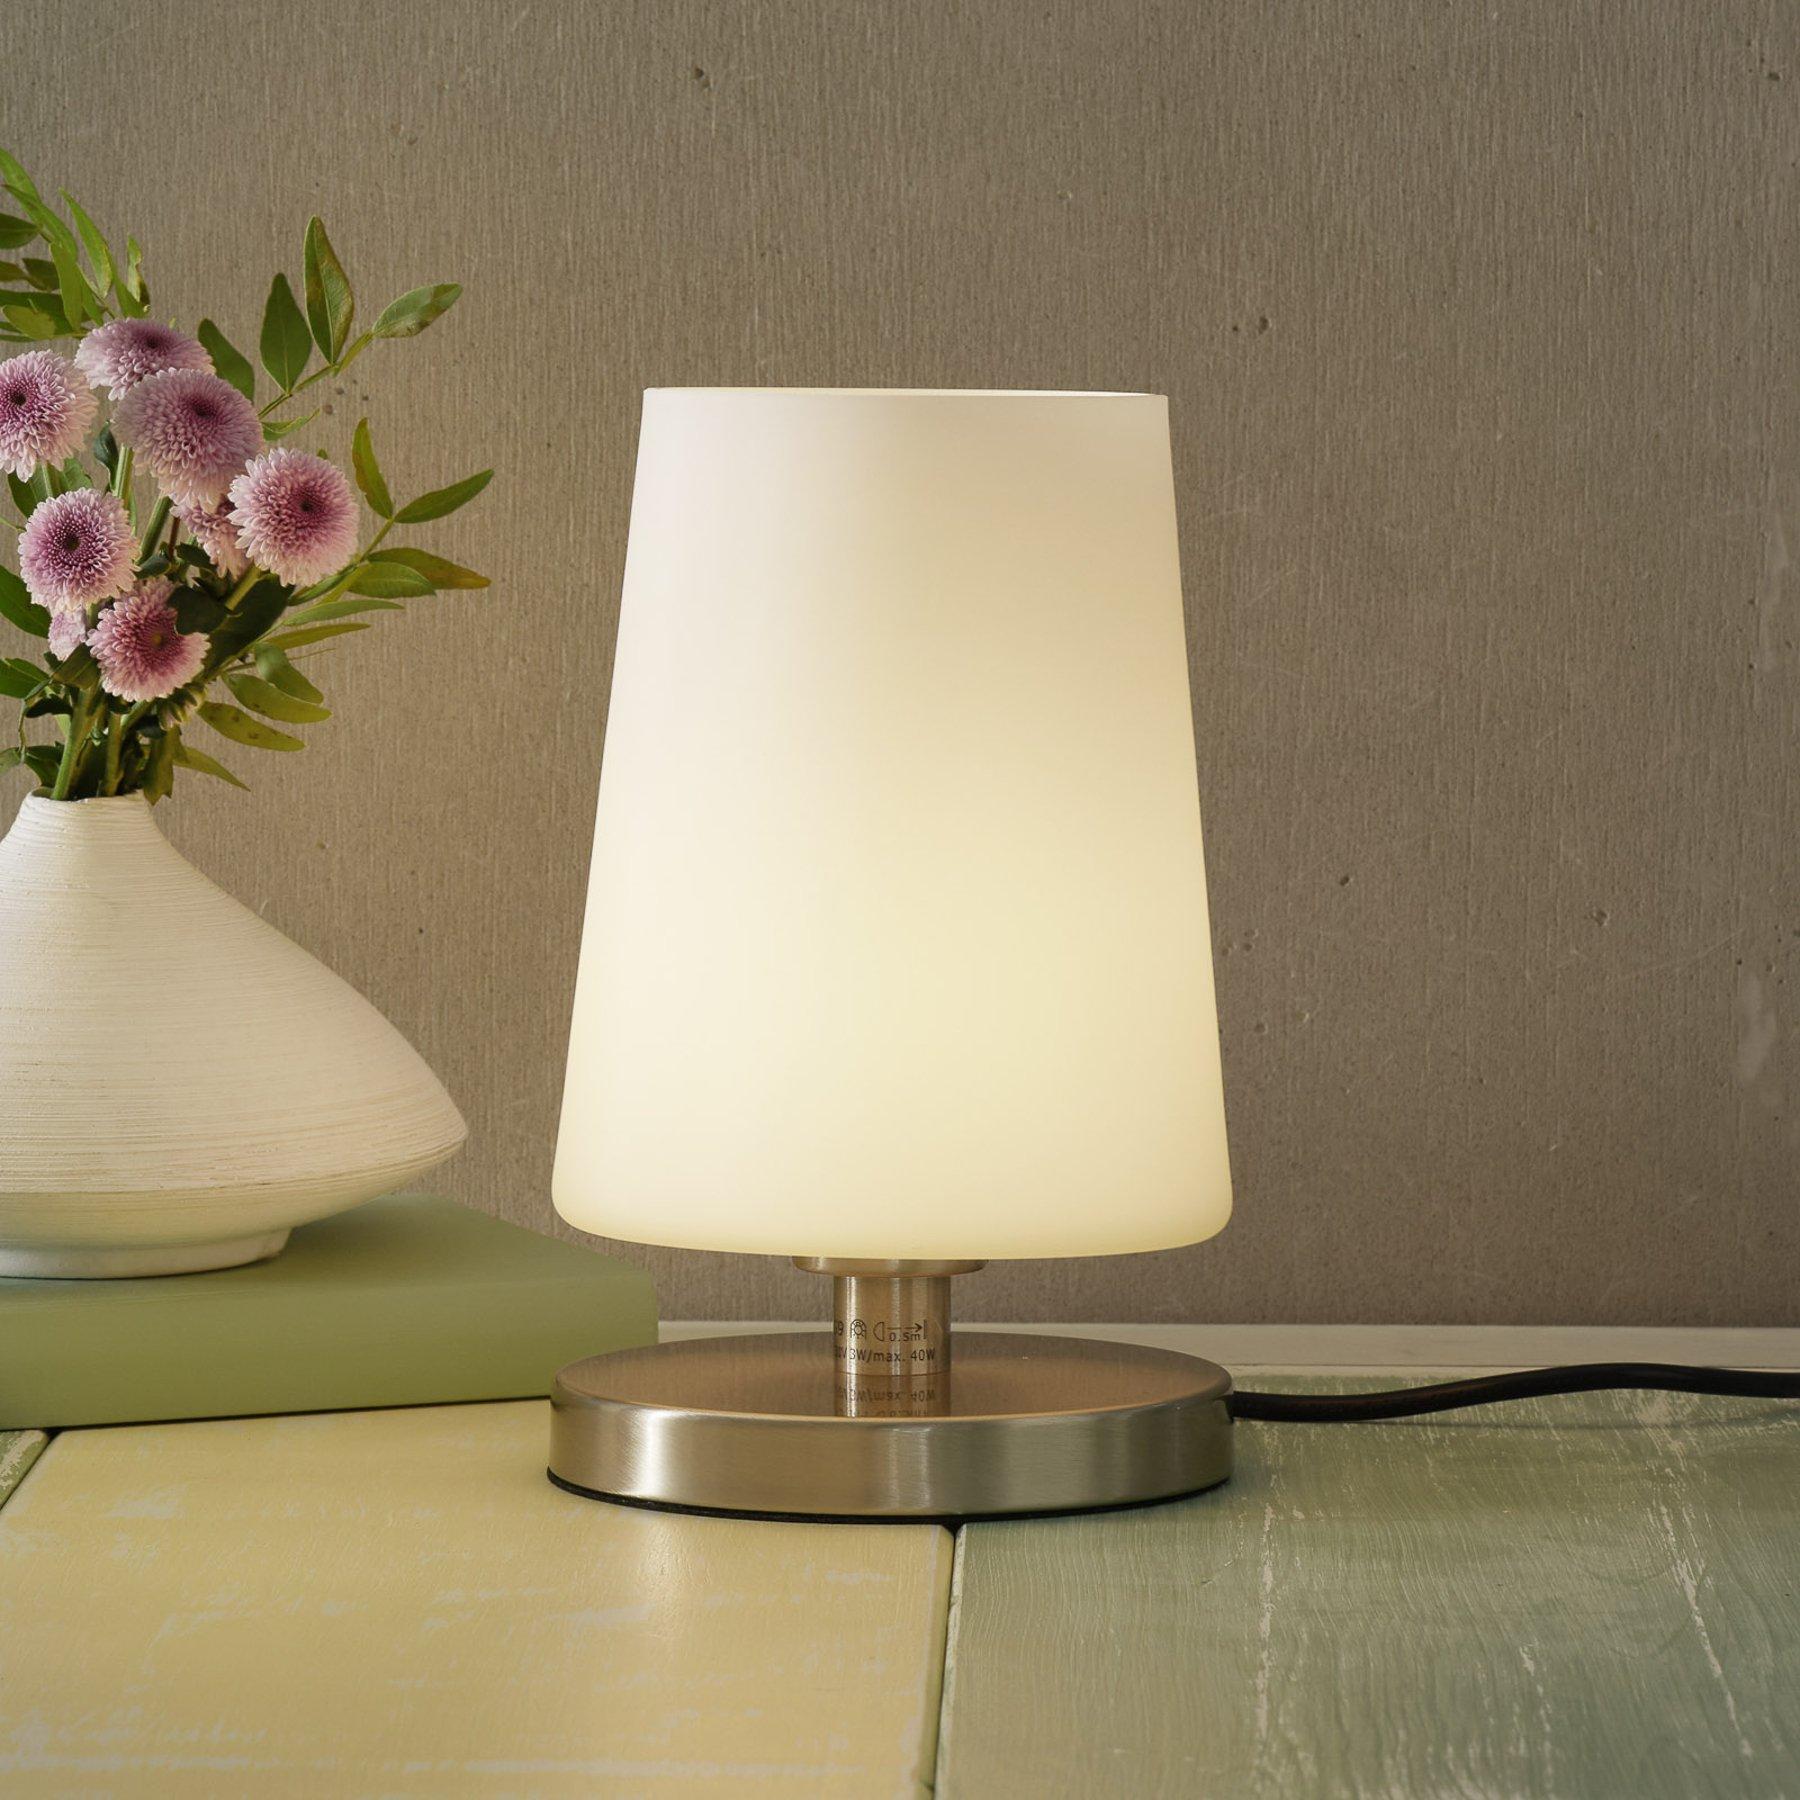 LED-nattbordslampe Sonja med touchdimmer